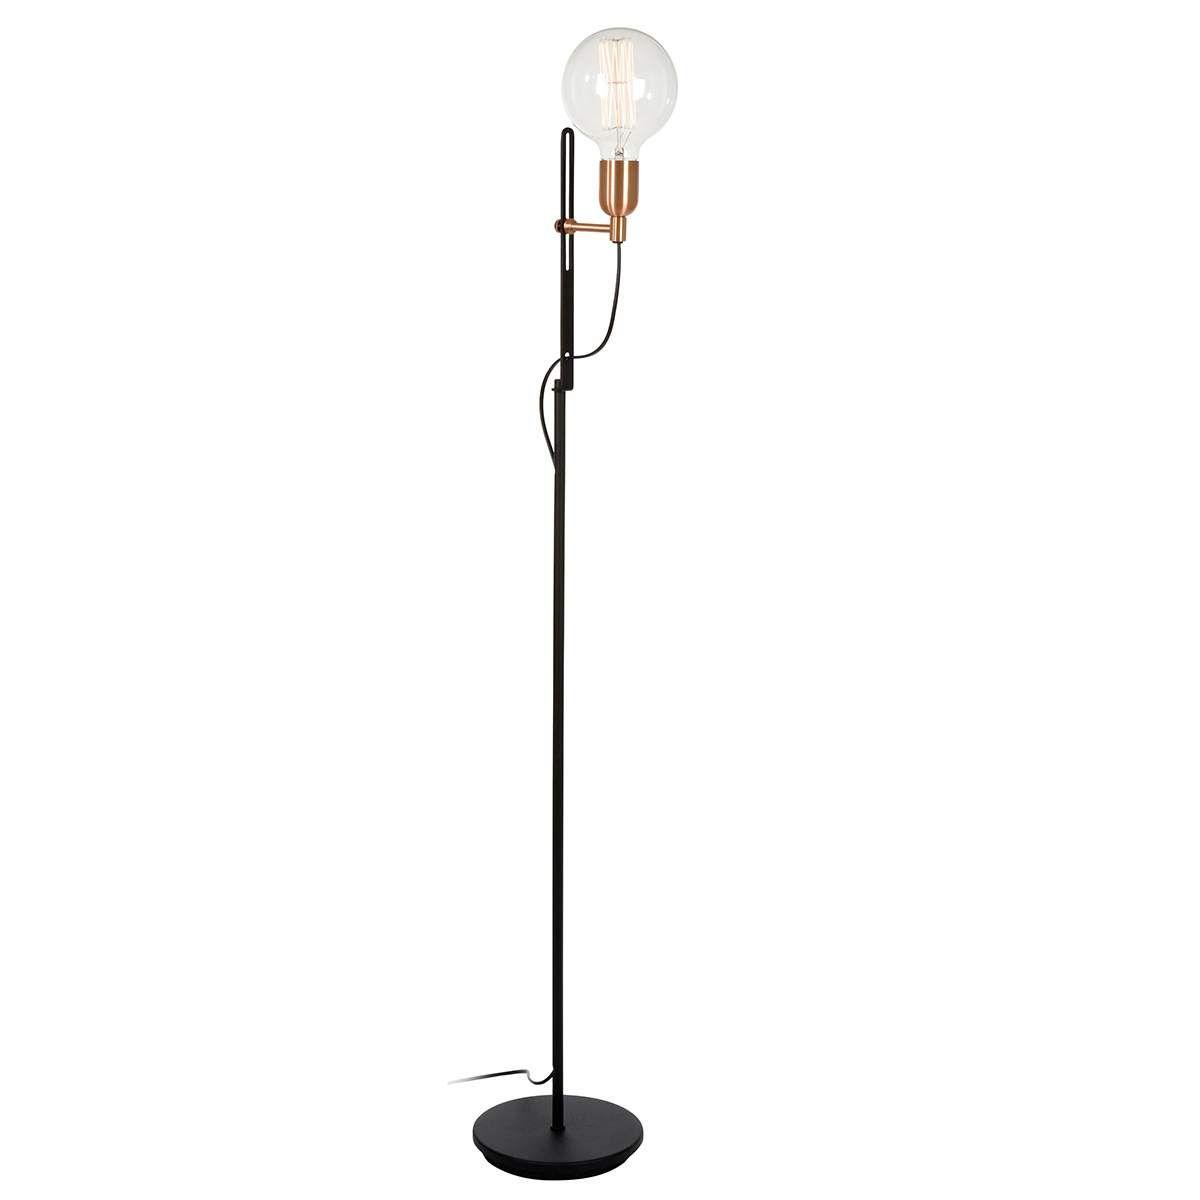 Stehleuchte Retro Orange Stehlampe Mit Mehreren Schirmen